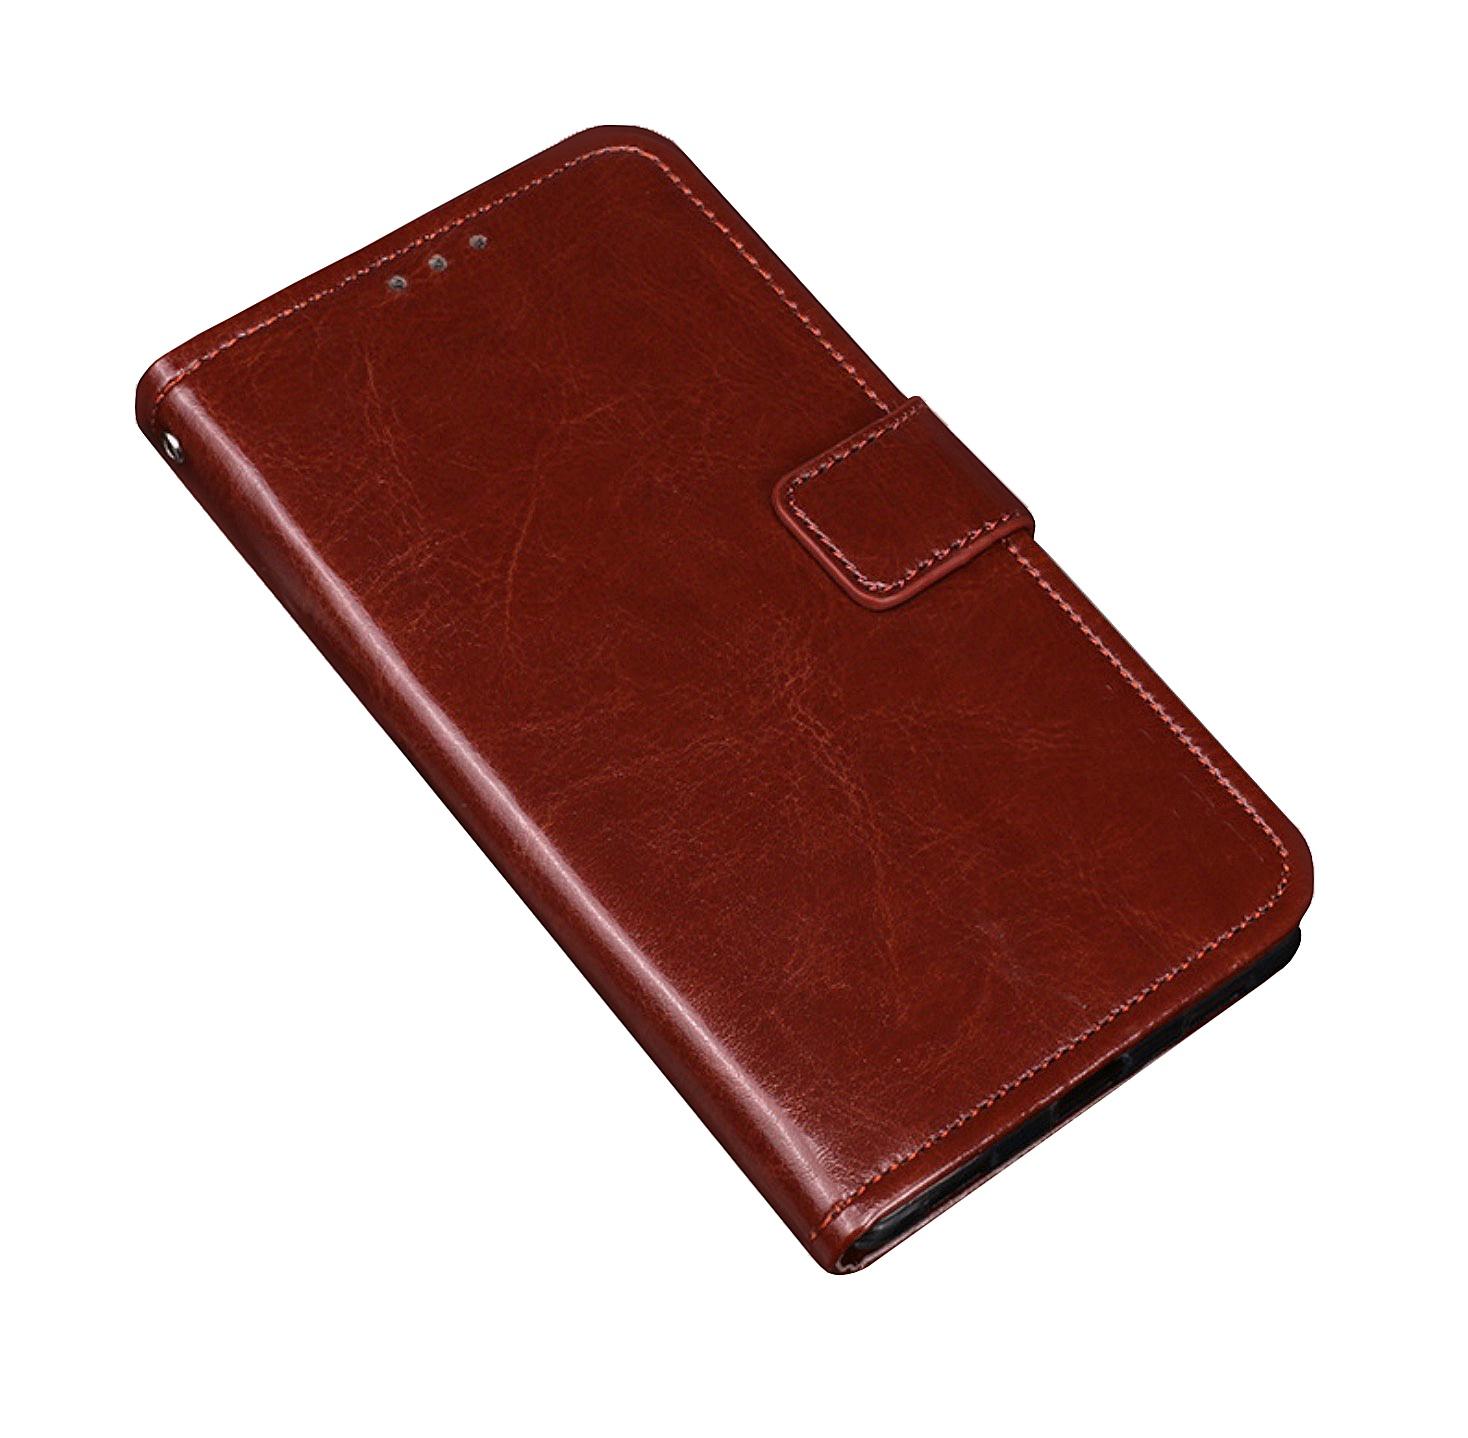 Чехол-книжка MyPads для HTC Desire 326G Dual Sim с мульти-подставкой застёжкой и визитницей коричневый